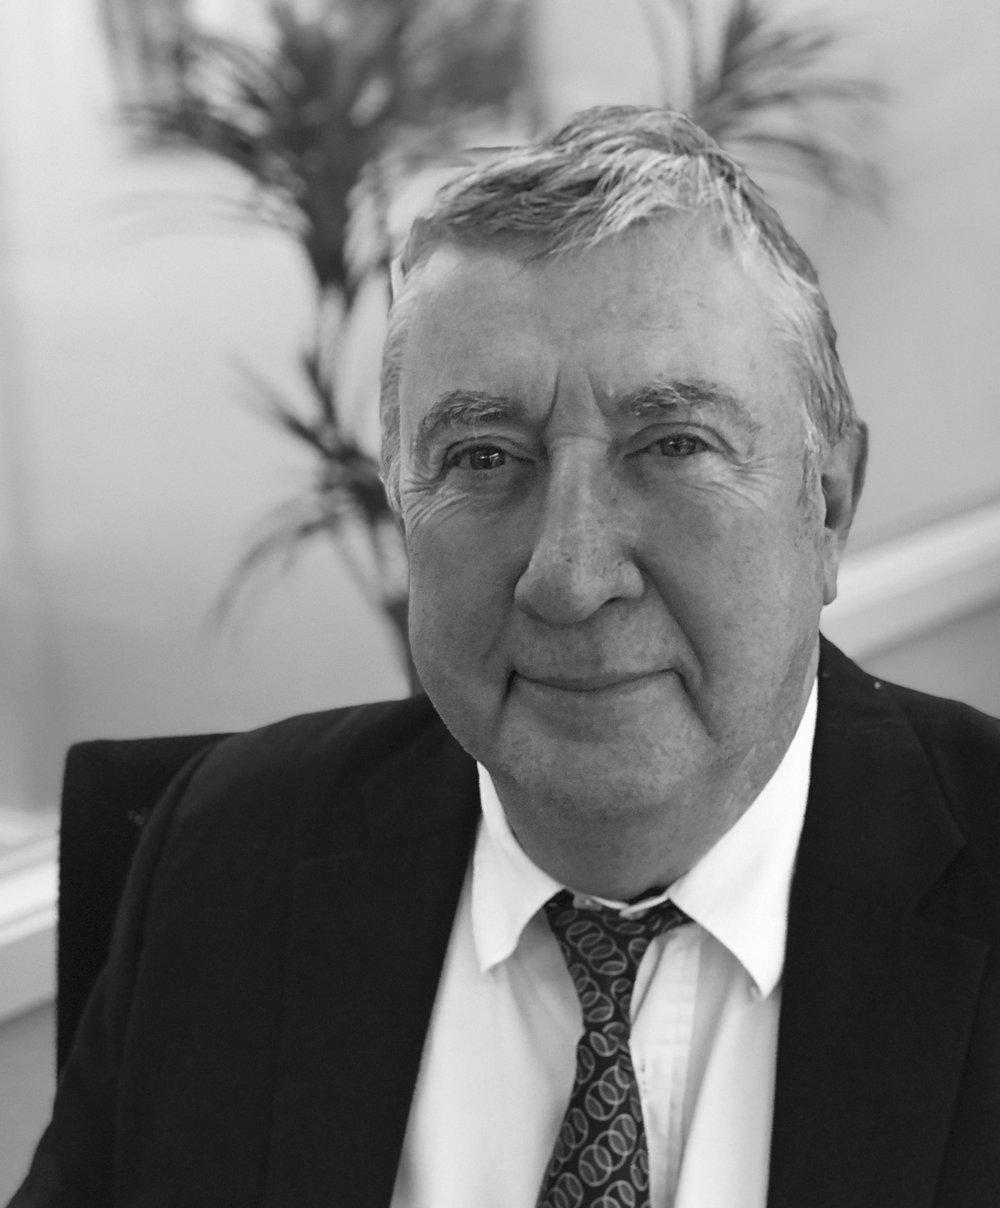 GERARD SAGNIER   Analista financer  Llicenciat en Economia, comença la seva carrera el 1988 com a analista financer en els parquets de Paris, on va agafar experiència amb els mercats de valors. Entre 1992 i 2012, s'incorpora a l'equip de Crédit Agricole Asset Managment com a analista tècnic, funció que va més tard exercir a Aurel BGC fins al 2015.  El 2017 s'uneix a l'equip de Viñals Nogal Family Office per aportar la seva llarga experiència com a analista tècnic i financer.  És autor de diversos llibres sobre economia i finances, i ha col·laborat com professor i coach amb nombroses institucions de formació, com ara Waldata, ESLSCA Business School Paris o ISC École de commerce